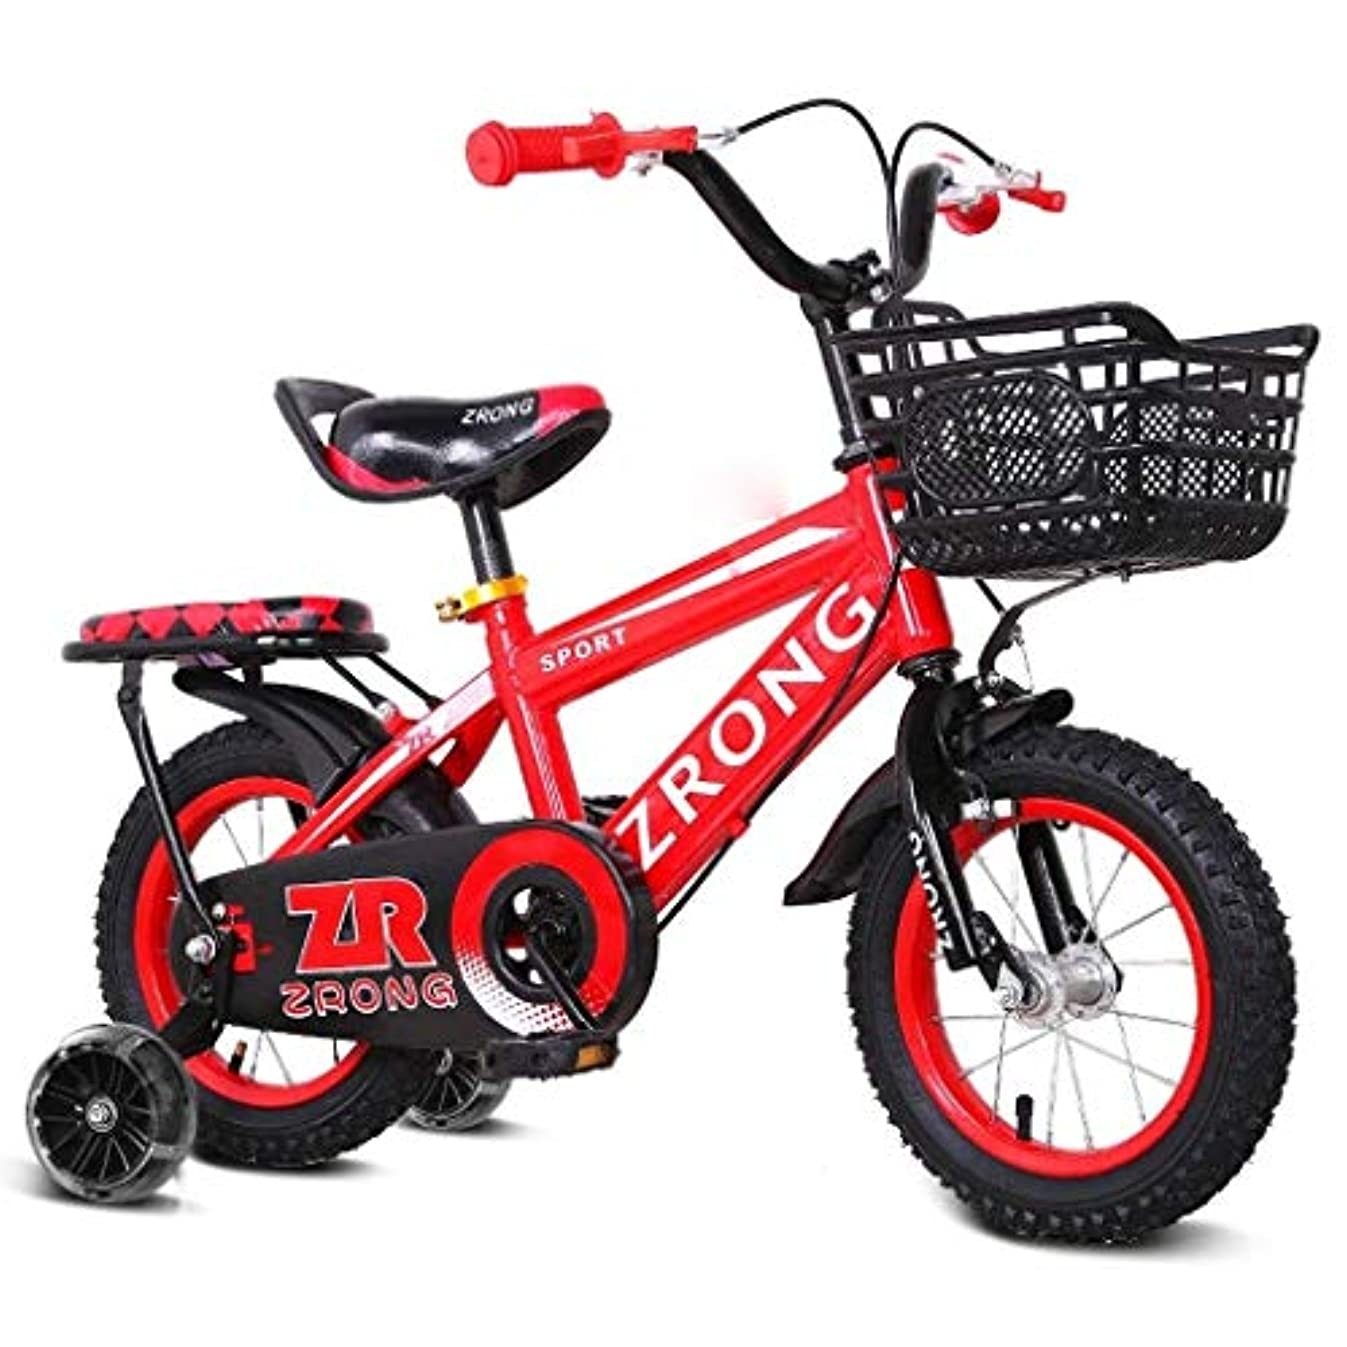 ベギンテメリティ死ぬ自転車旅行子供の自転車2-3-6歳の子供男の子女の子自転車トレーニングホイール付き高炭素鋼自転車